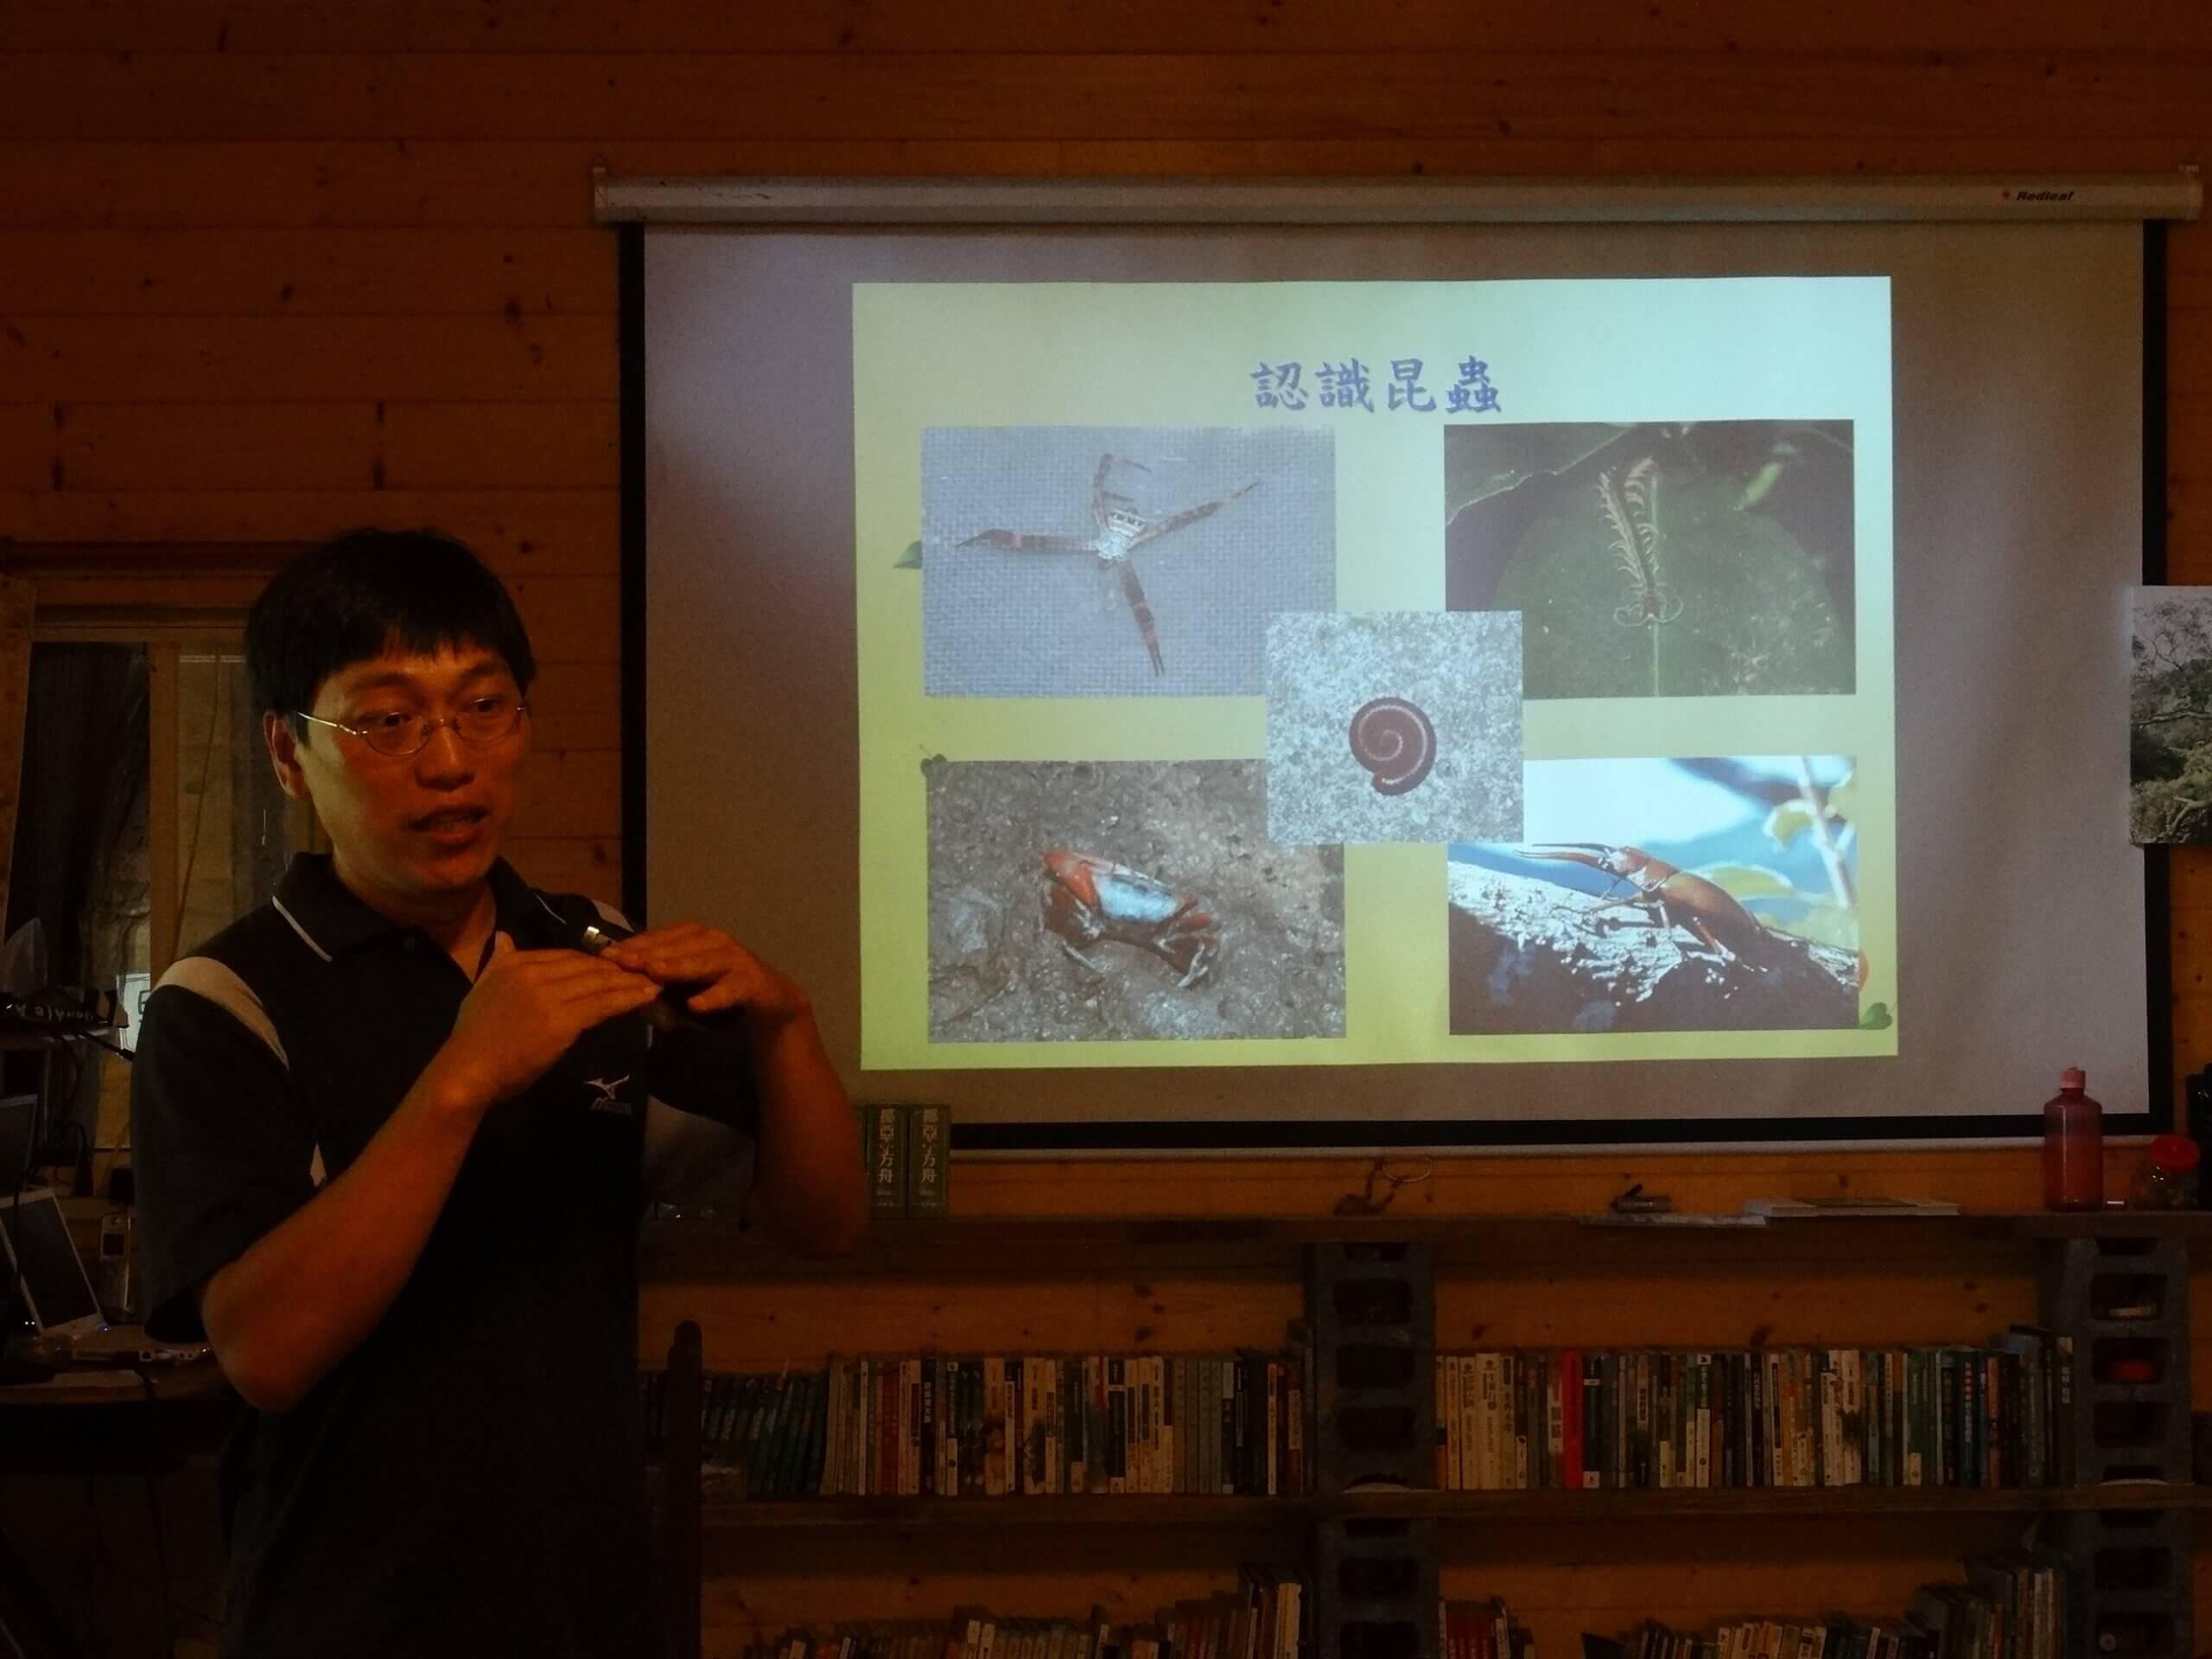 「低海拔昆蟲-以自然谷為例」志工課程記錄4